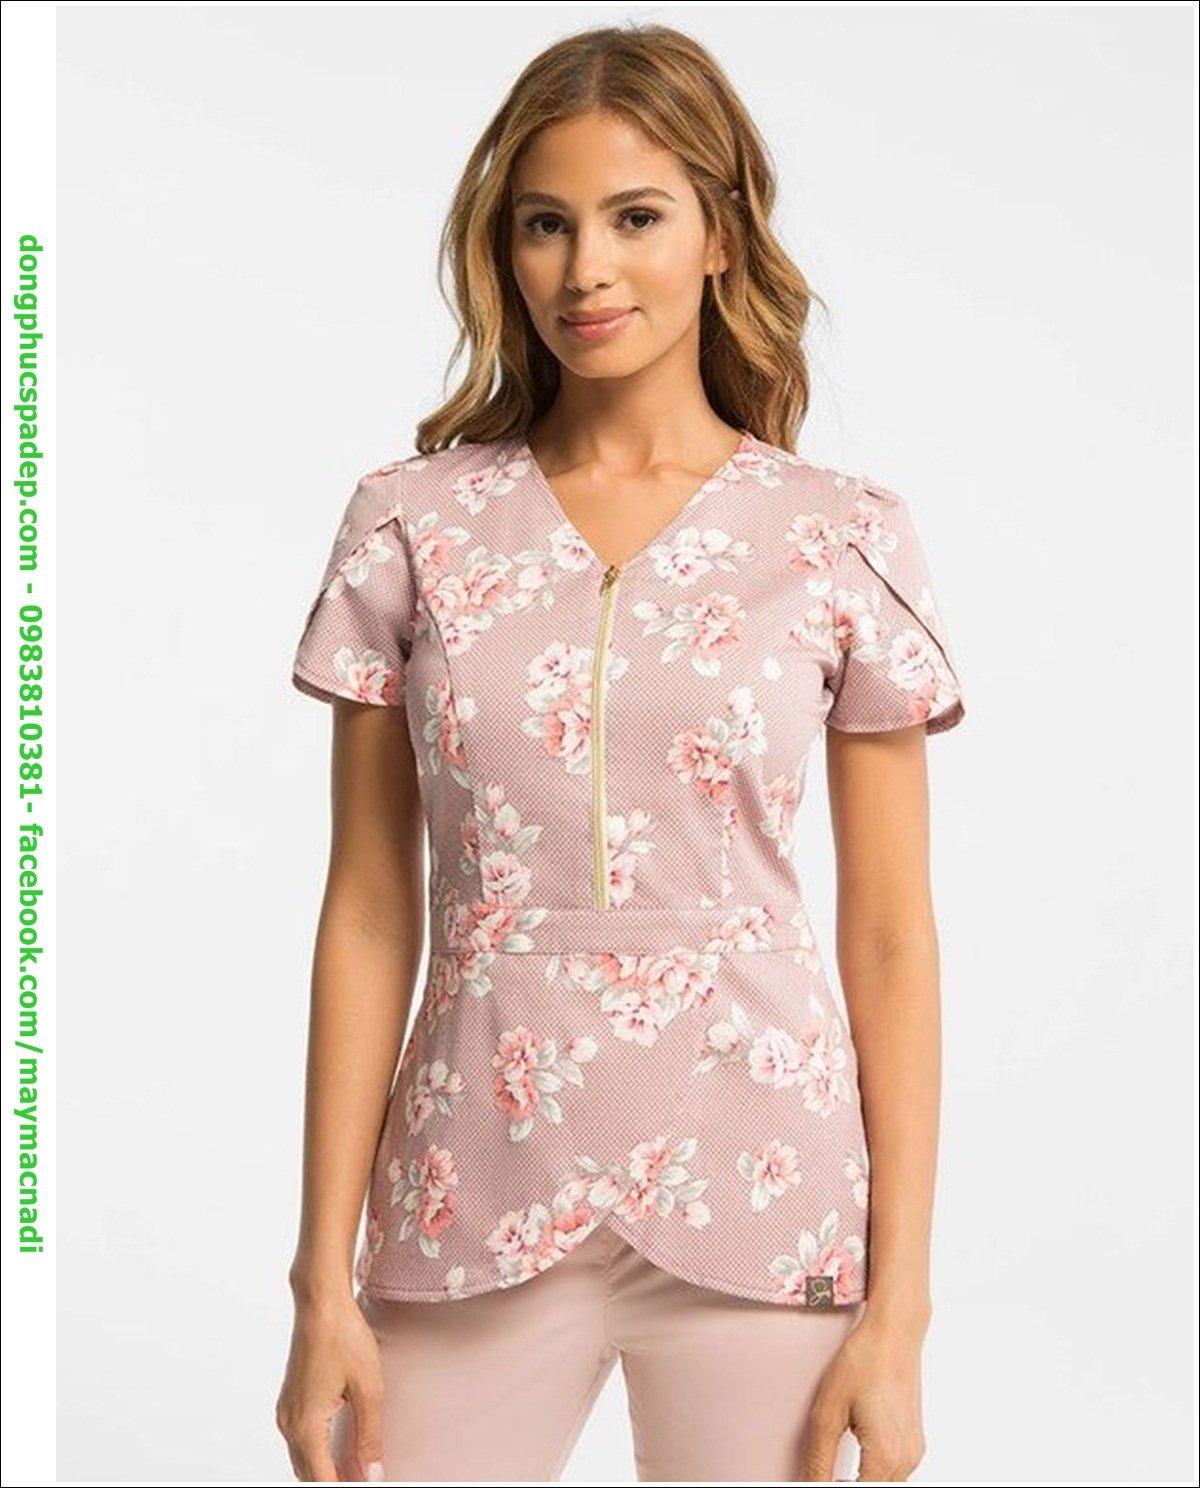 Sử dụng tông màu chủ đạo - hồng baby. Cách điệu bằng áo vải họa tiết hoa, màu sắc tương tự. Trông mới lạ và xinh đẹp vô cùng